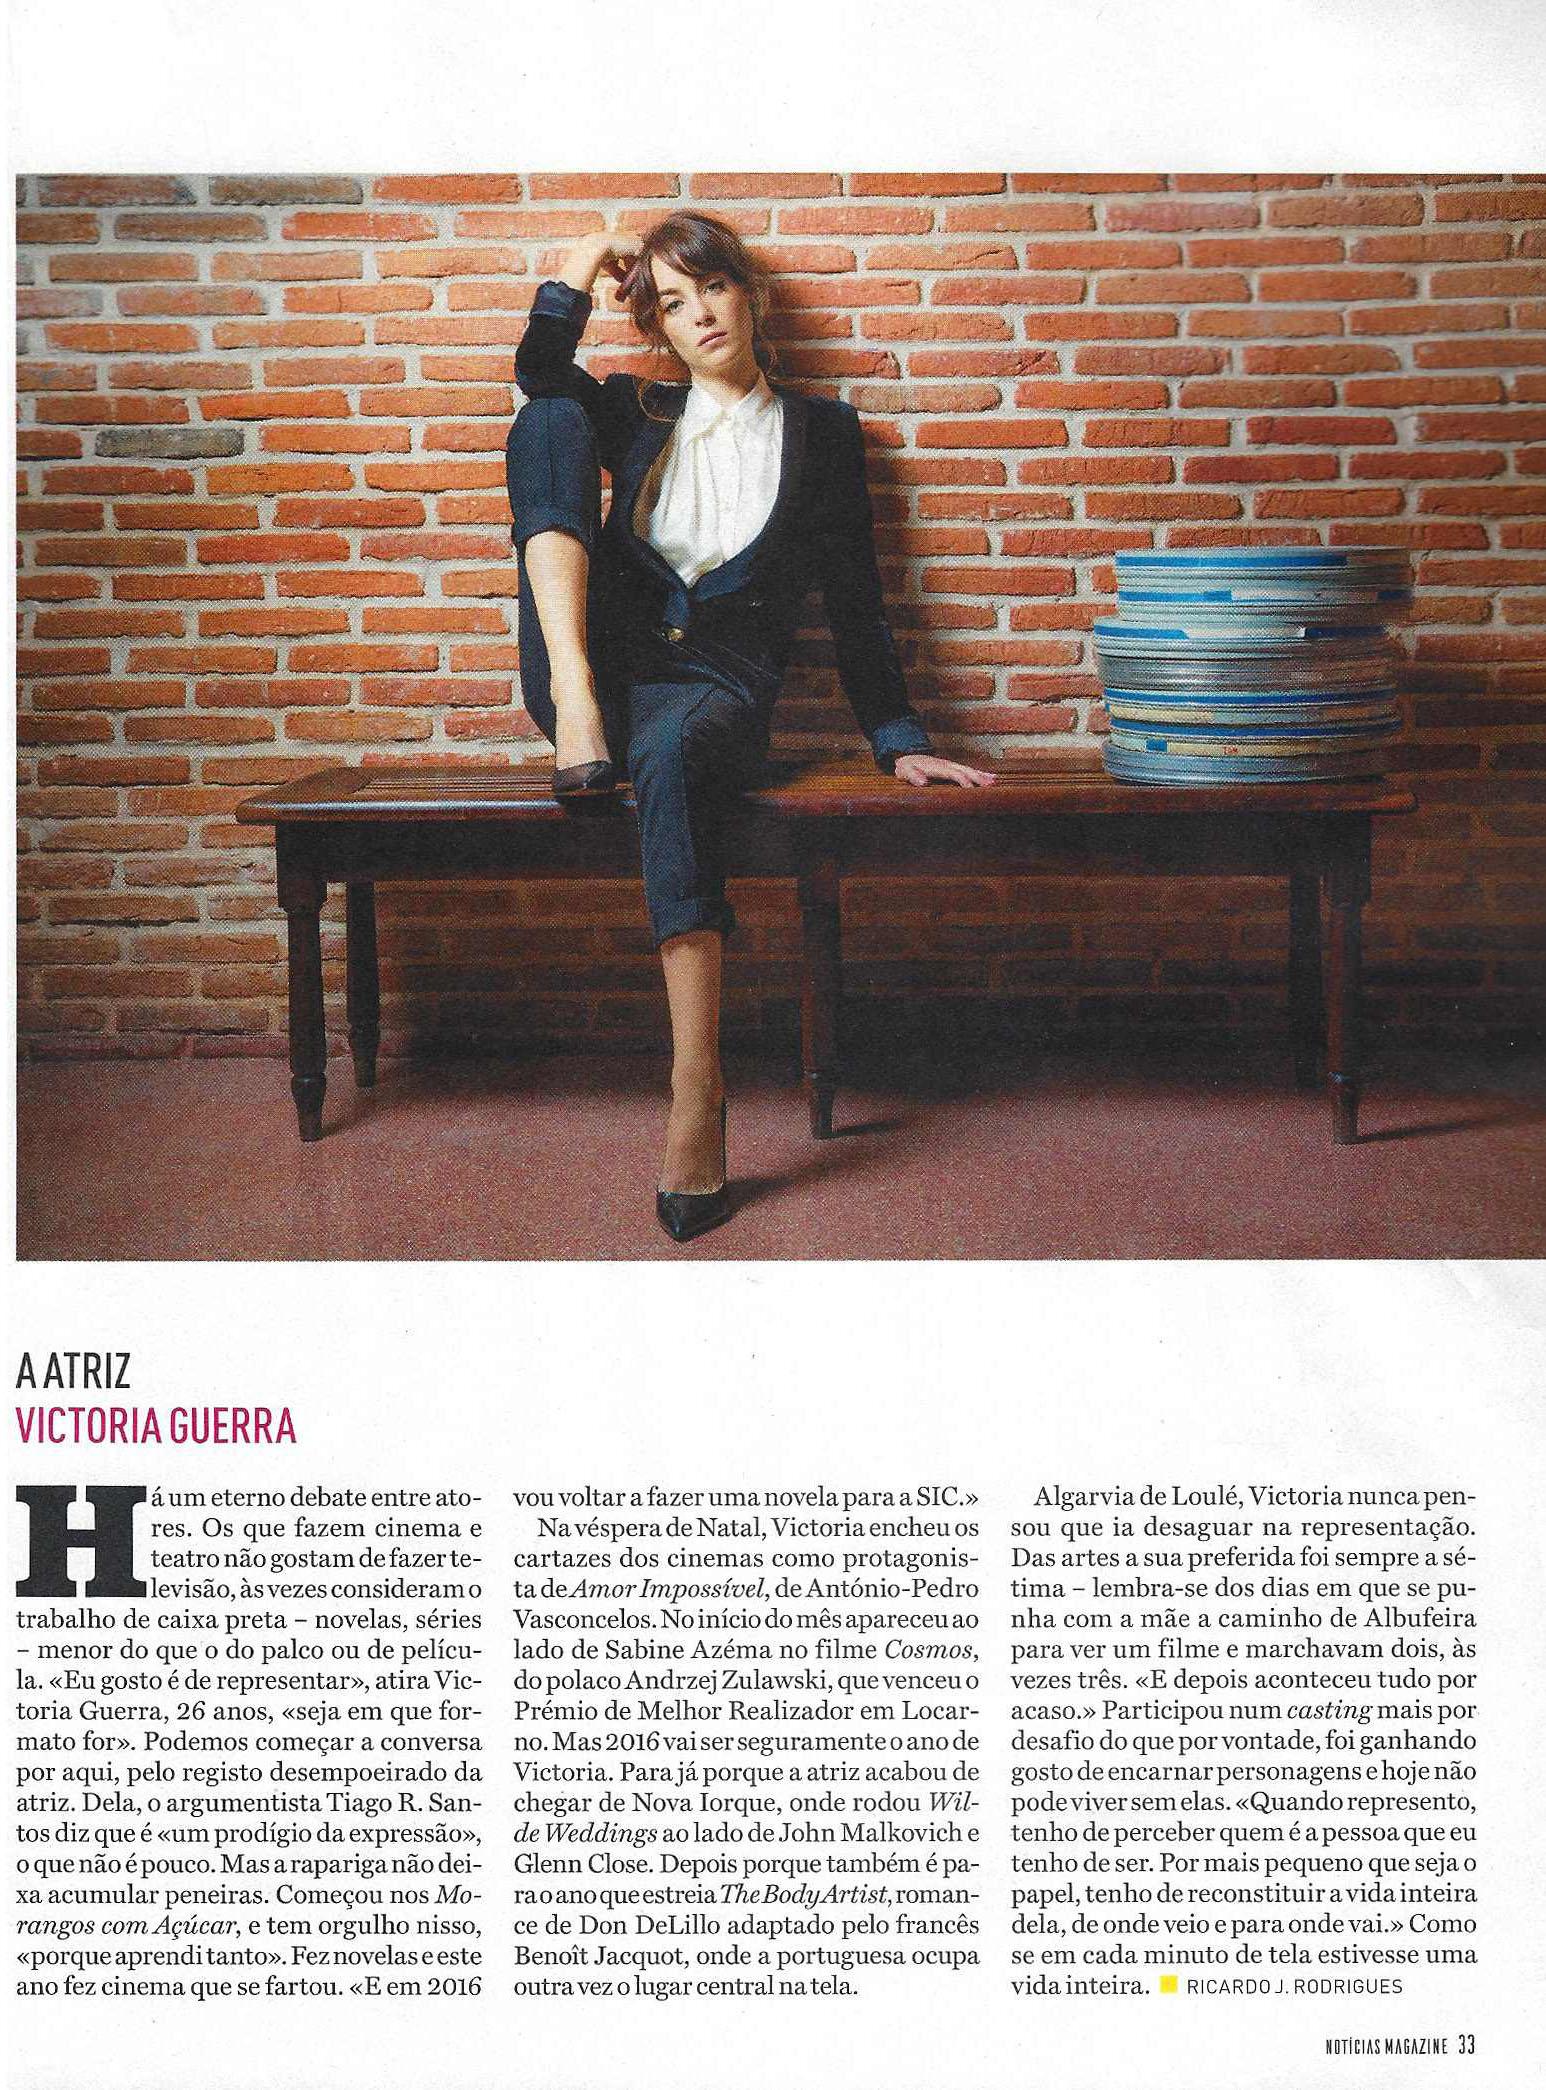 Notícias Magazine - Jornal de Notícias